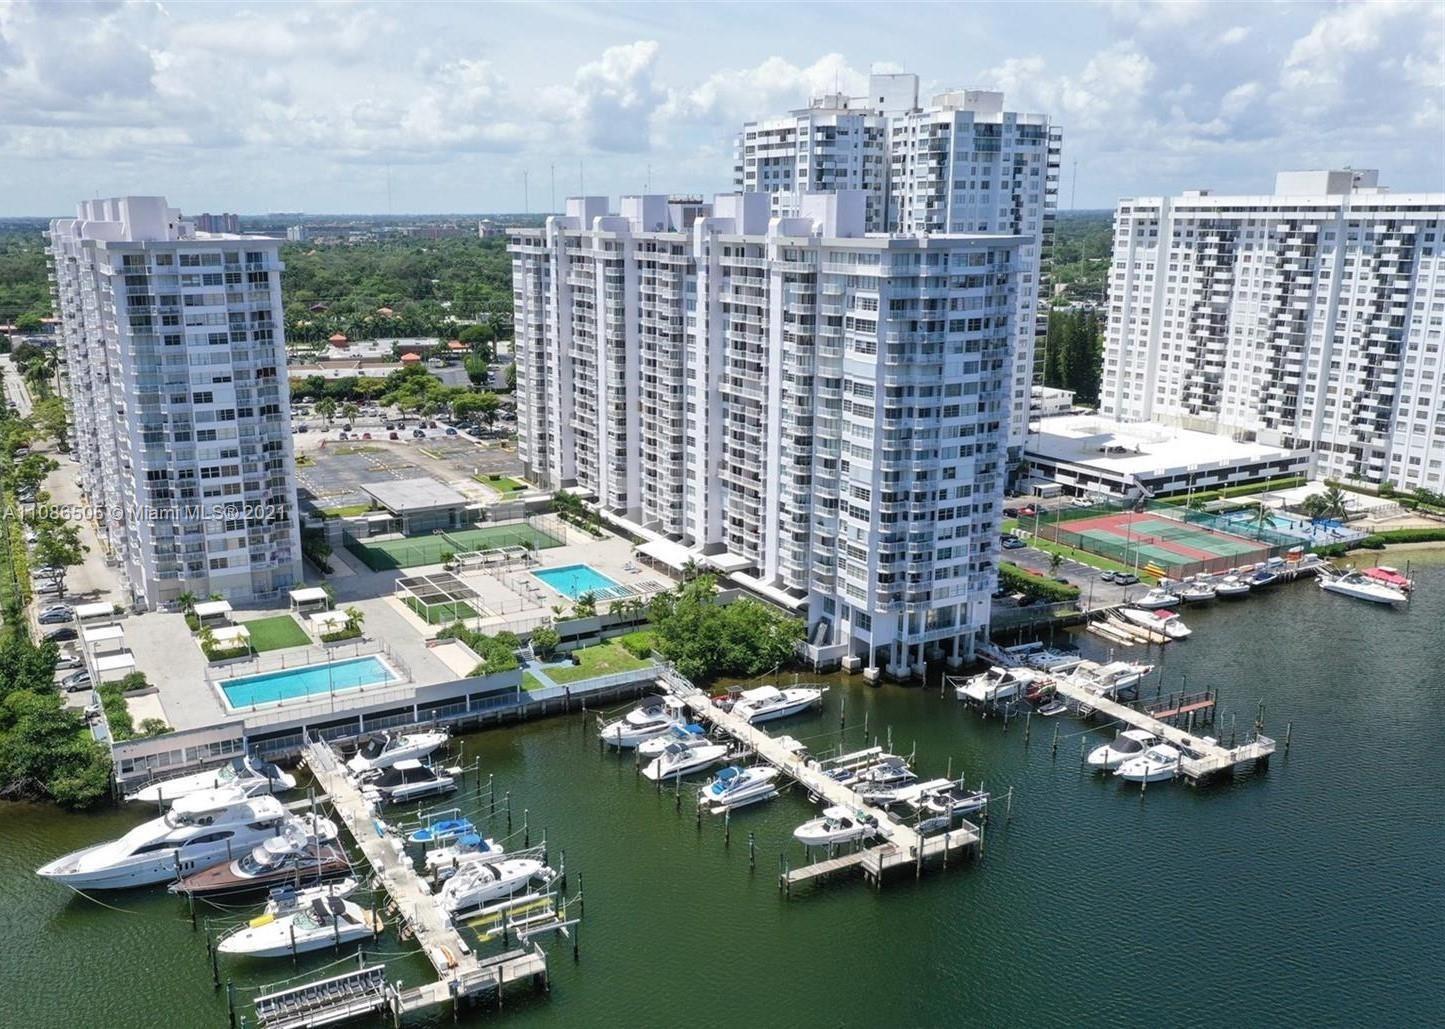 18011 Biscayne Blvd #1204, Aventura, FL 33160 - #: A11086505